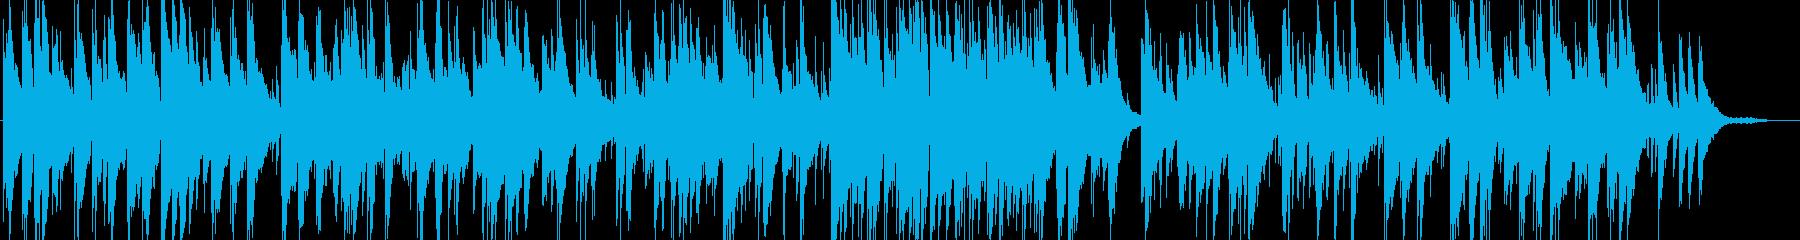 スコットランド民謡のピアノトリオの再生済みの波形